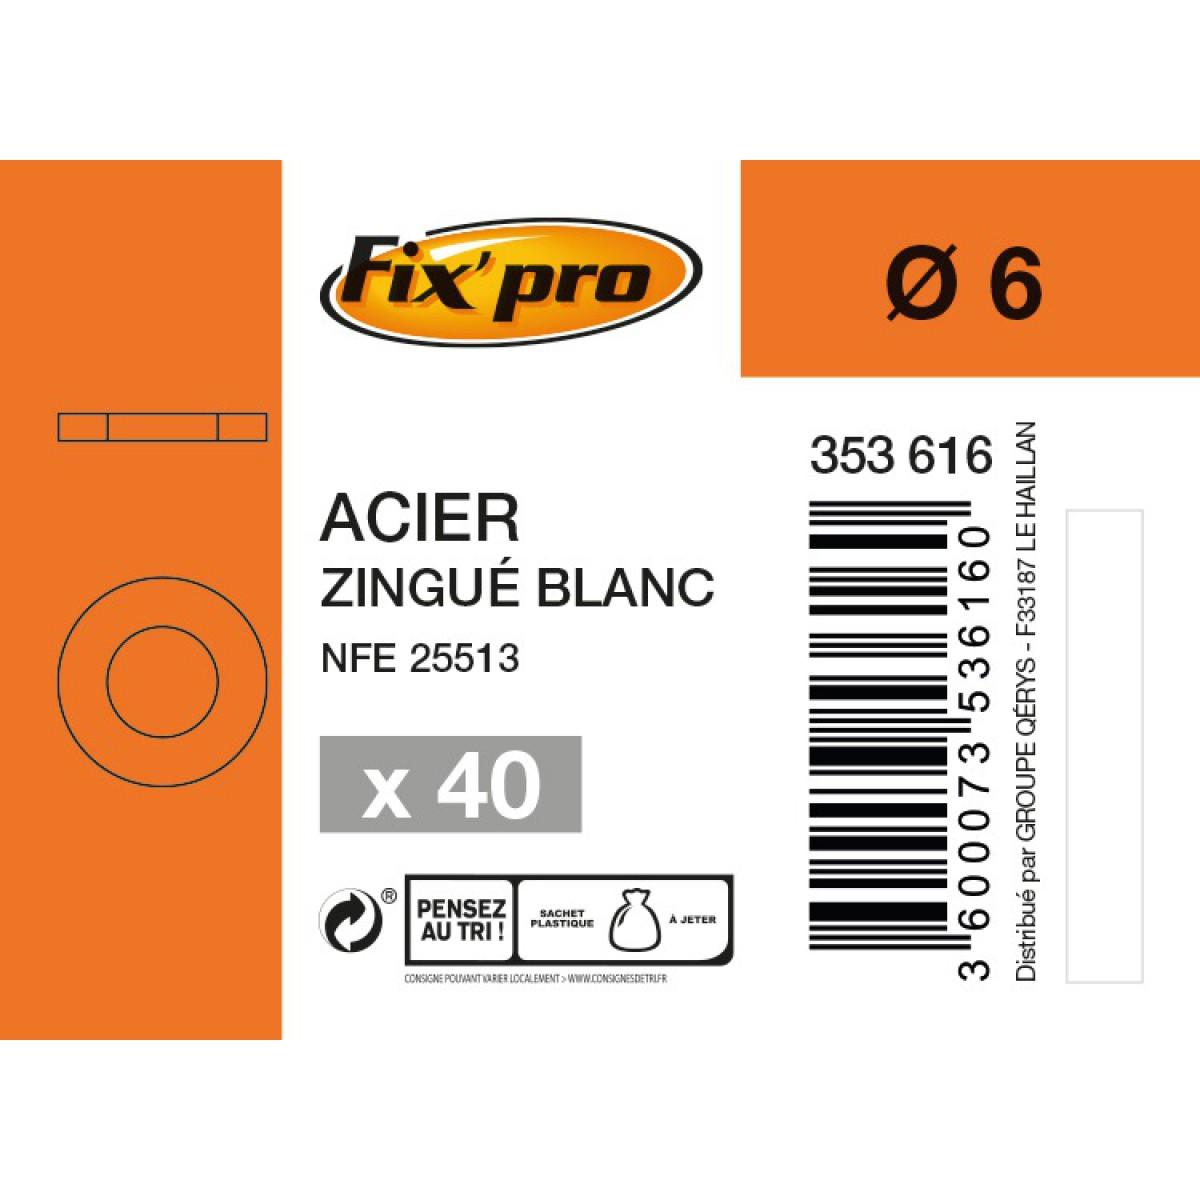 Rondelle plate acier zingué - Ø6mm - 40pces - Fixpro